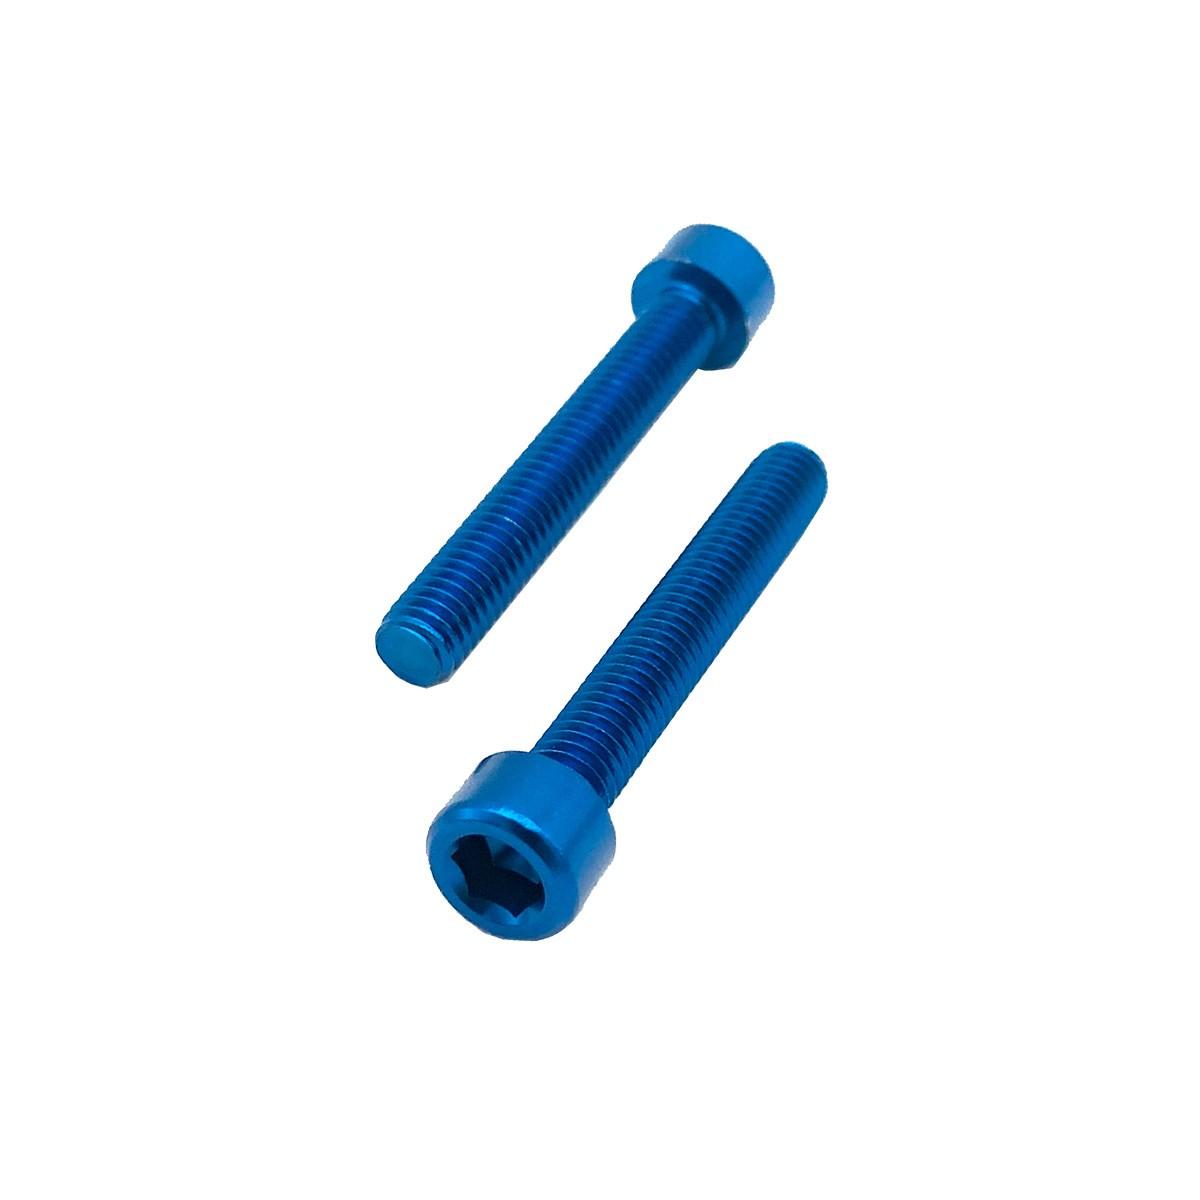 Parafuso Allen de Aluminio Socket Cap M6 x 20mm Azul